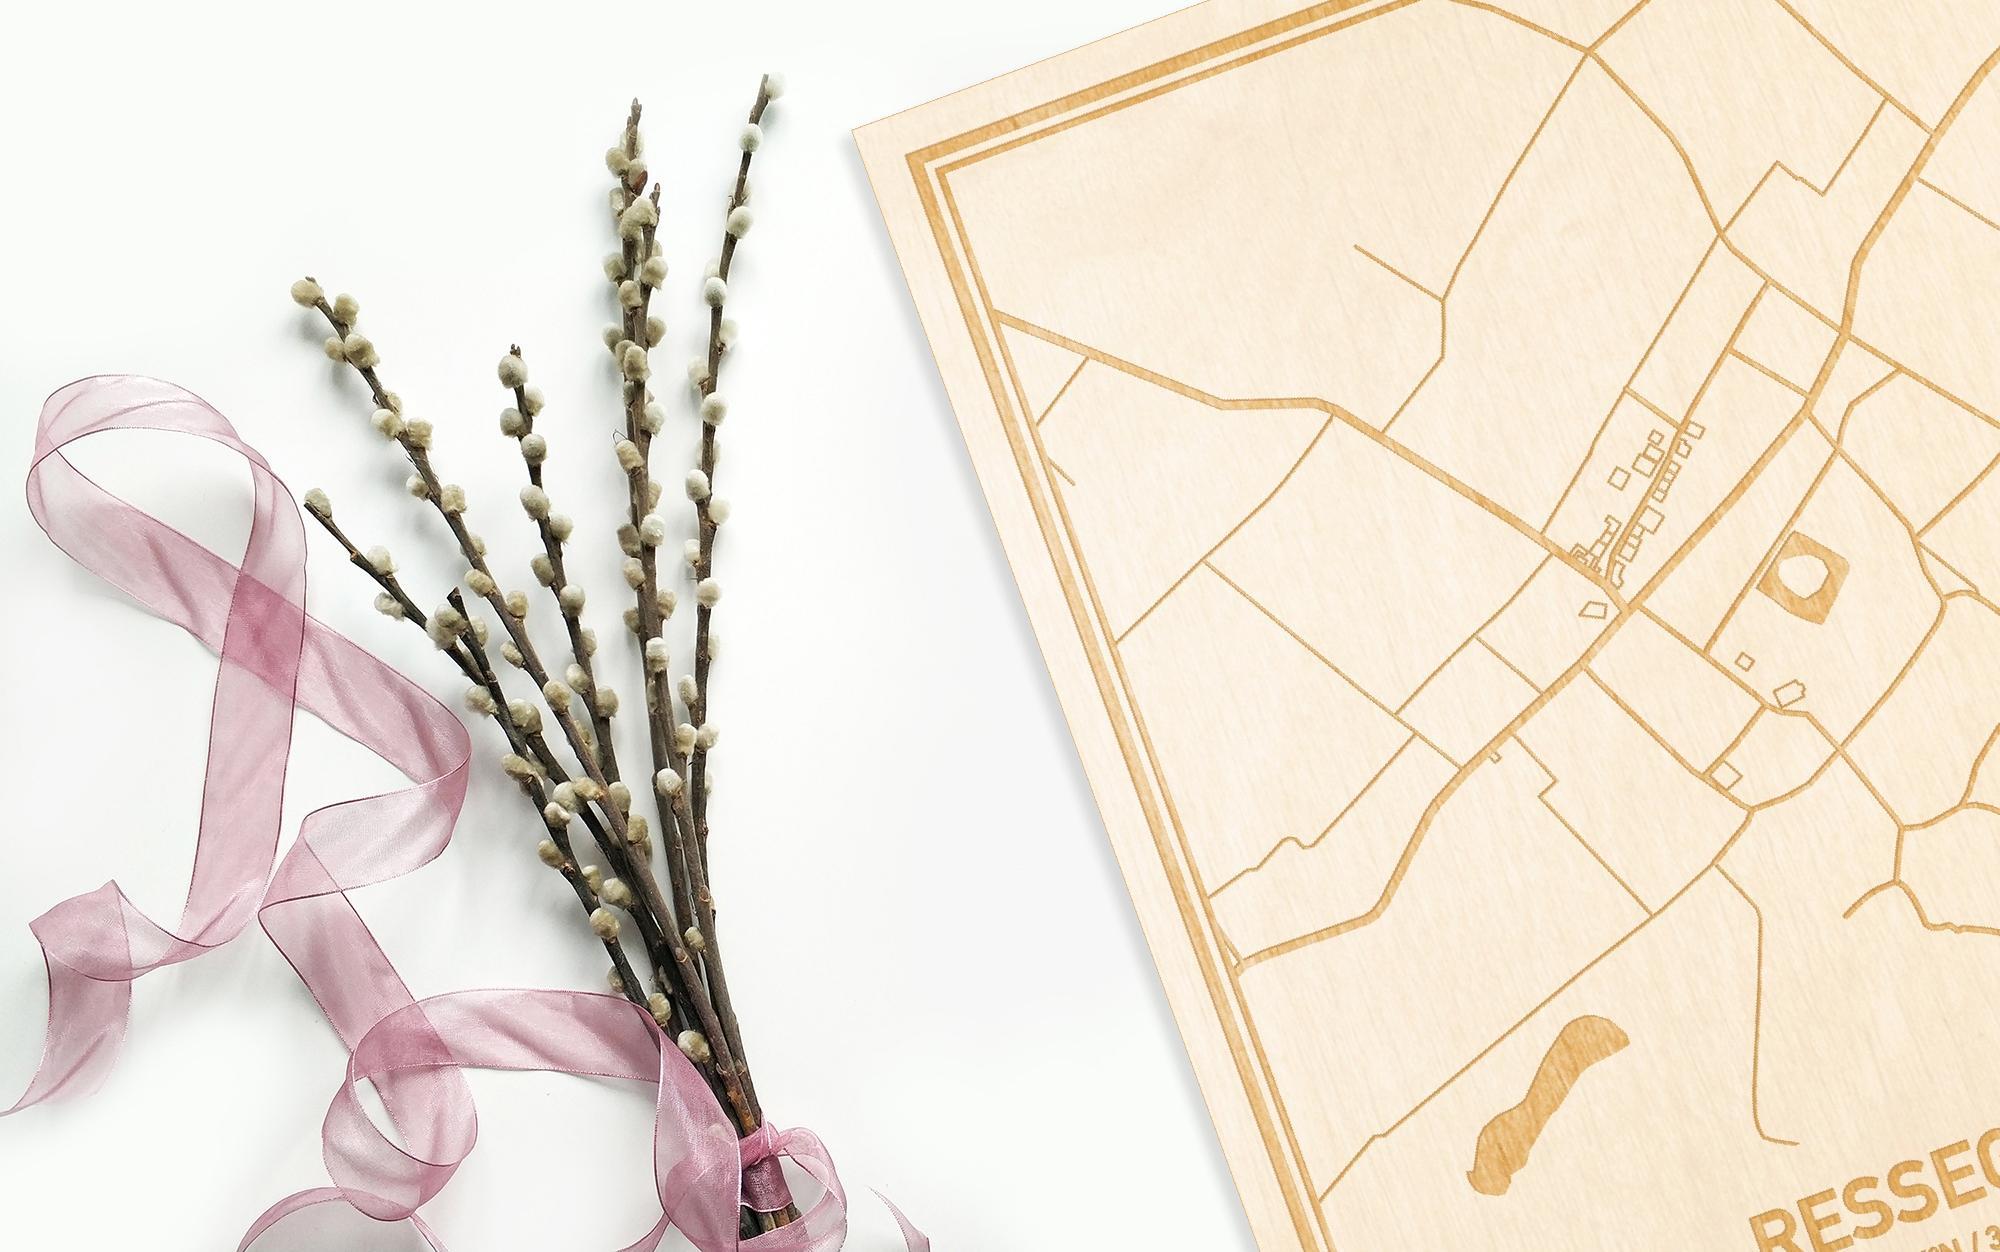 Hier ligt de houten plattegrond Ressegem naast een bloemetje als gepersonaliseerd cadeau voor haar.